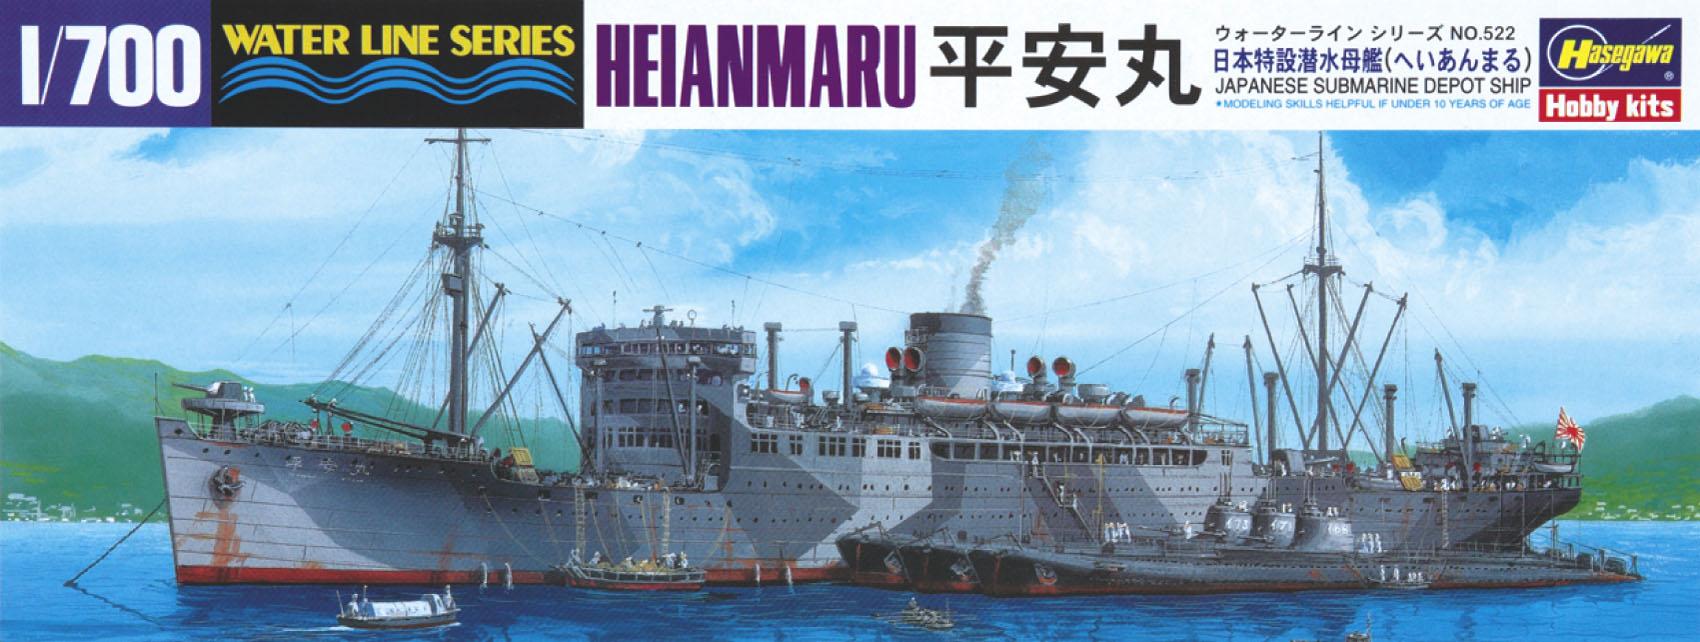 Hasegawa Submarine Depot Ship Heianmaru